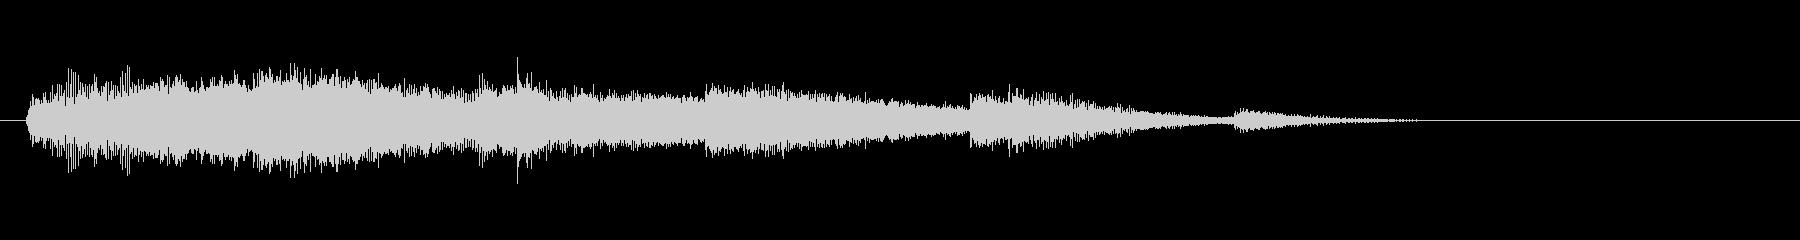 テーマ18:代替ミックスの未再生の波形